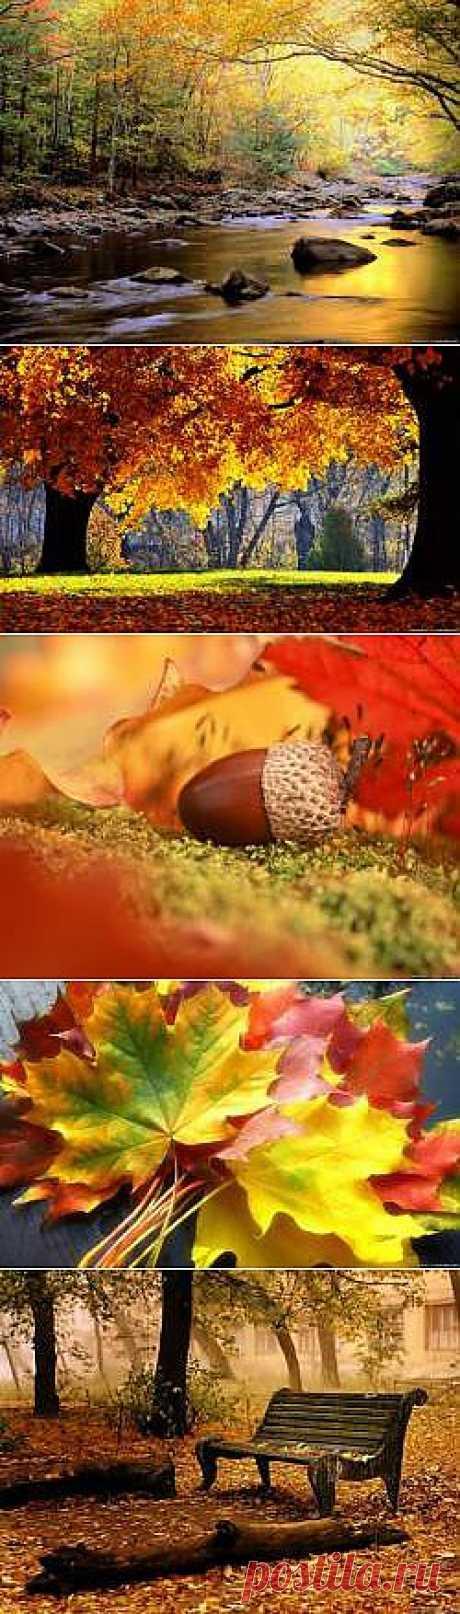 Красивые Осень золотая картинки - 196 фото обои на рабочий стол галерея 1 - Фото мир природы